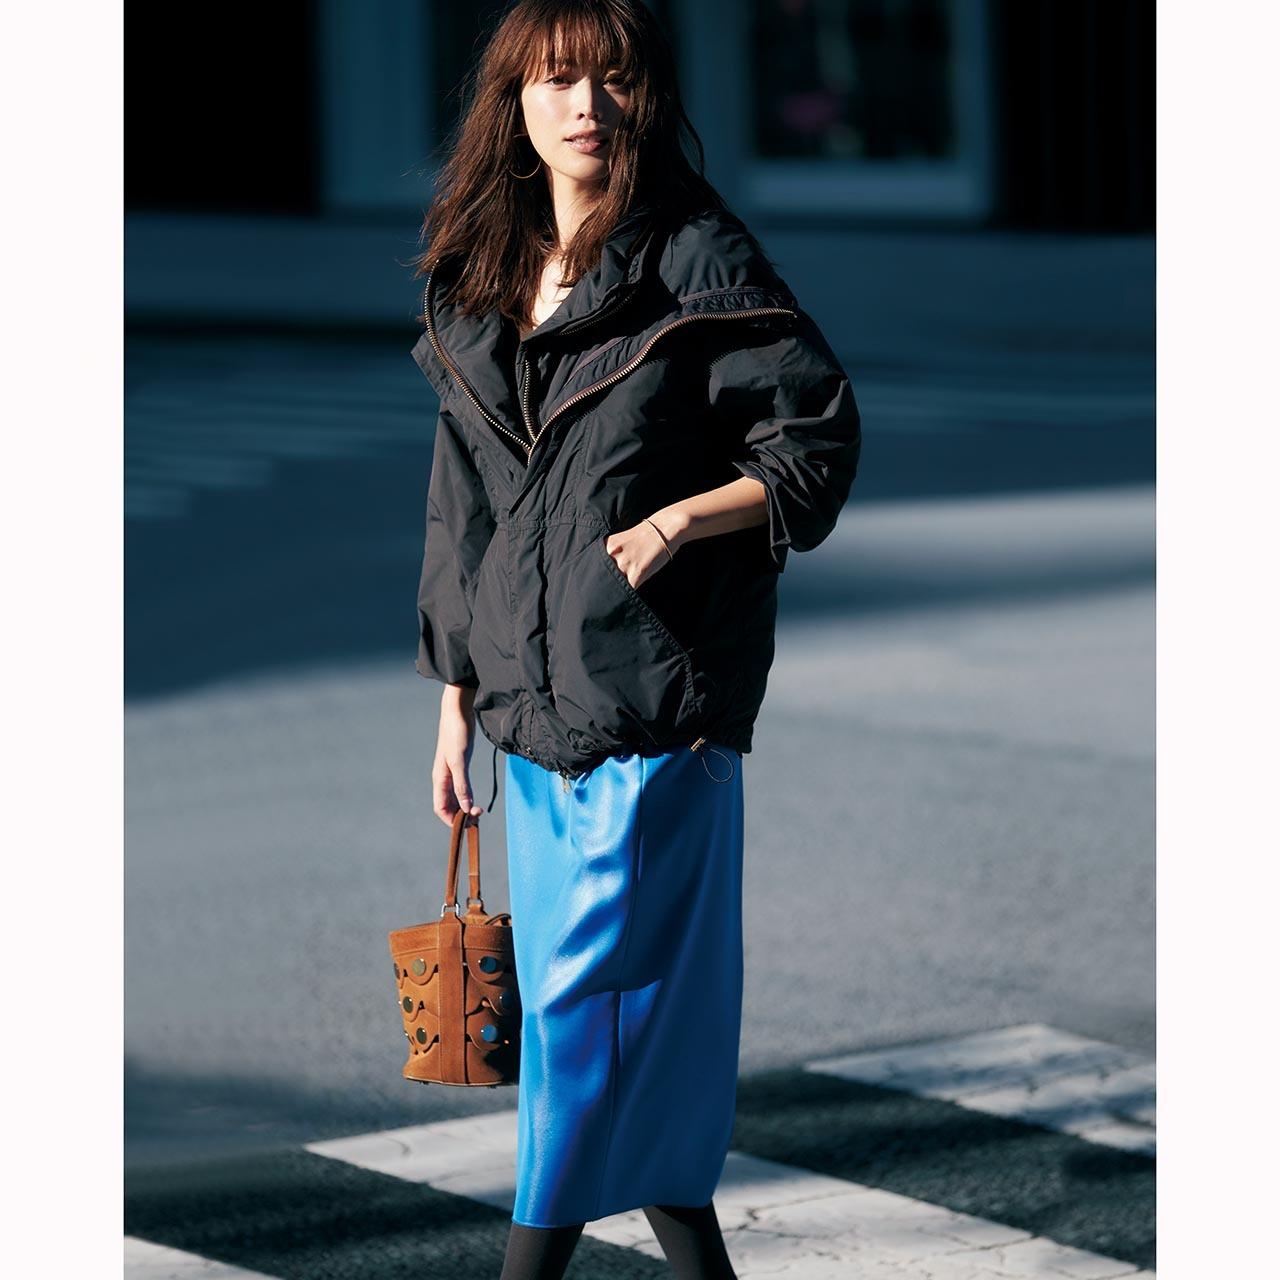 「ハリツヤ・スカート」投入で冬コーデを女性らしく華やかにアップデート!_1_1-3